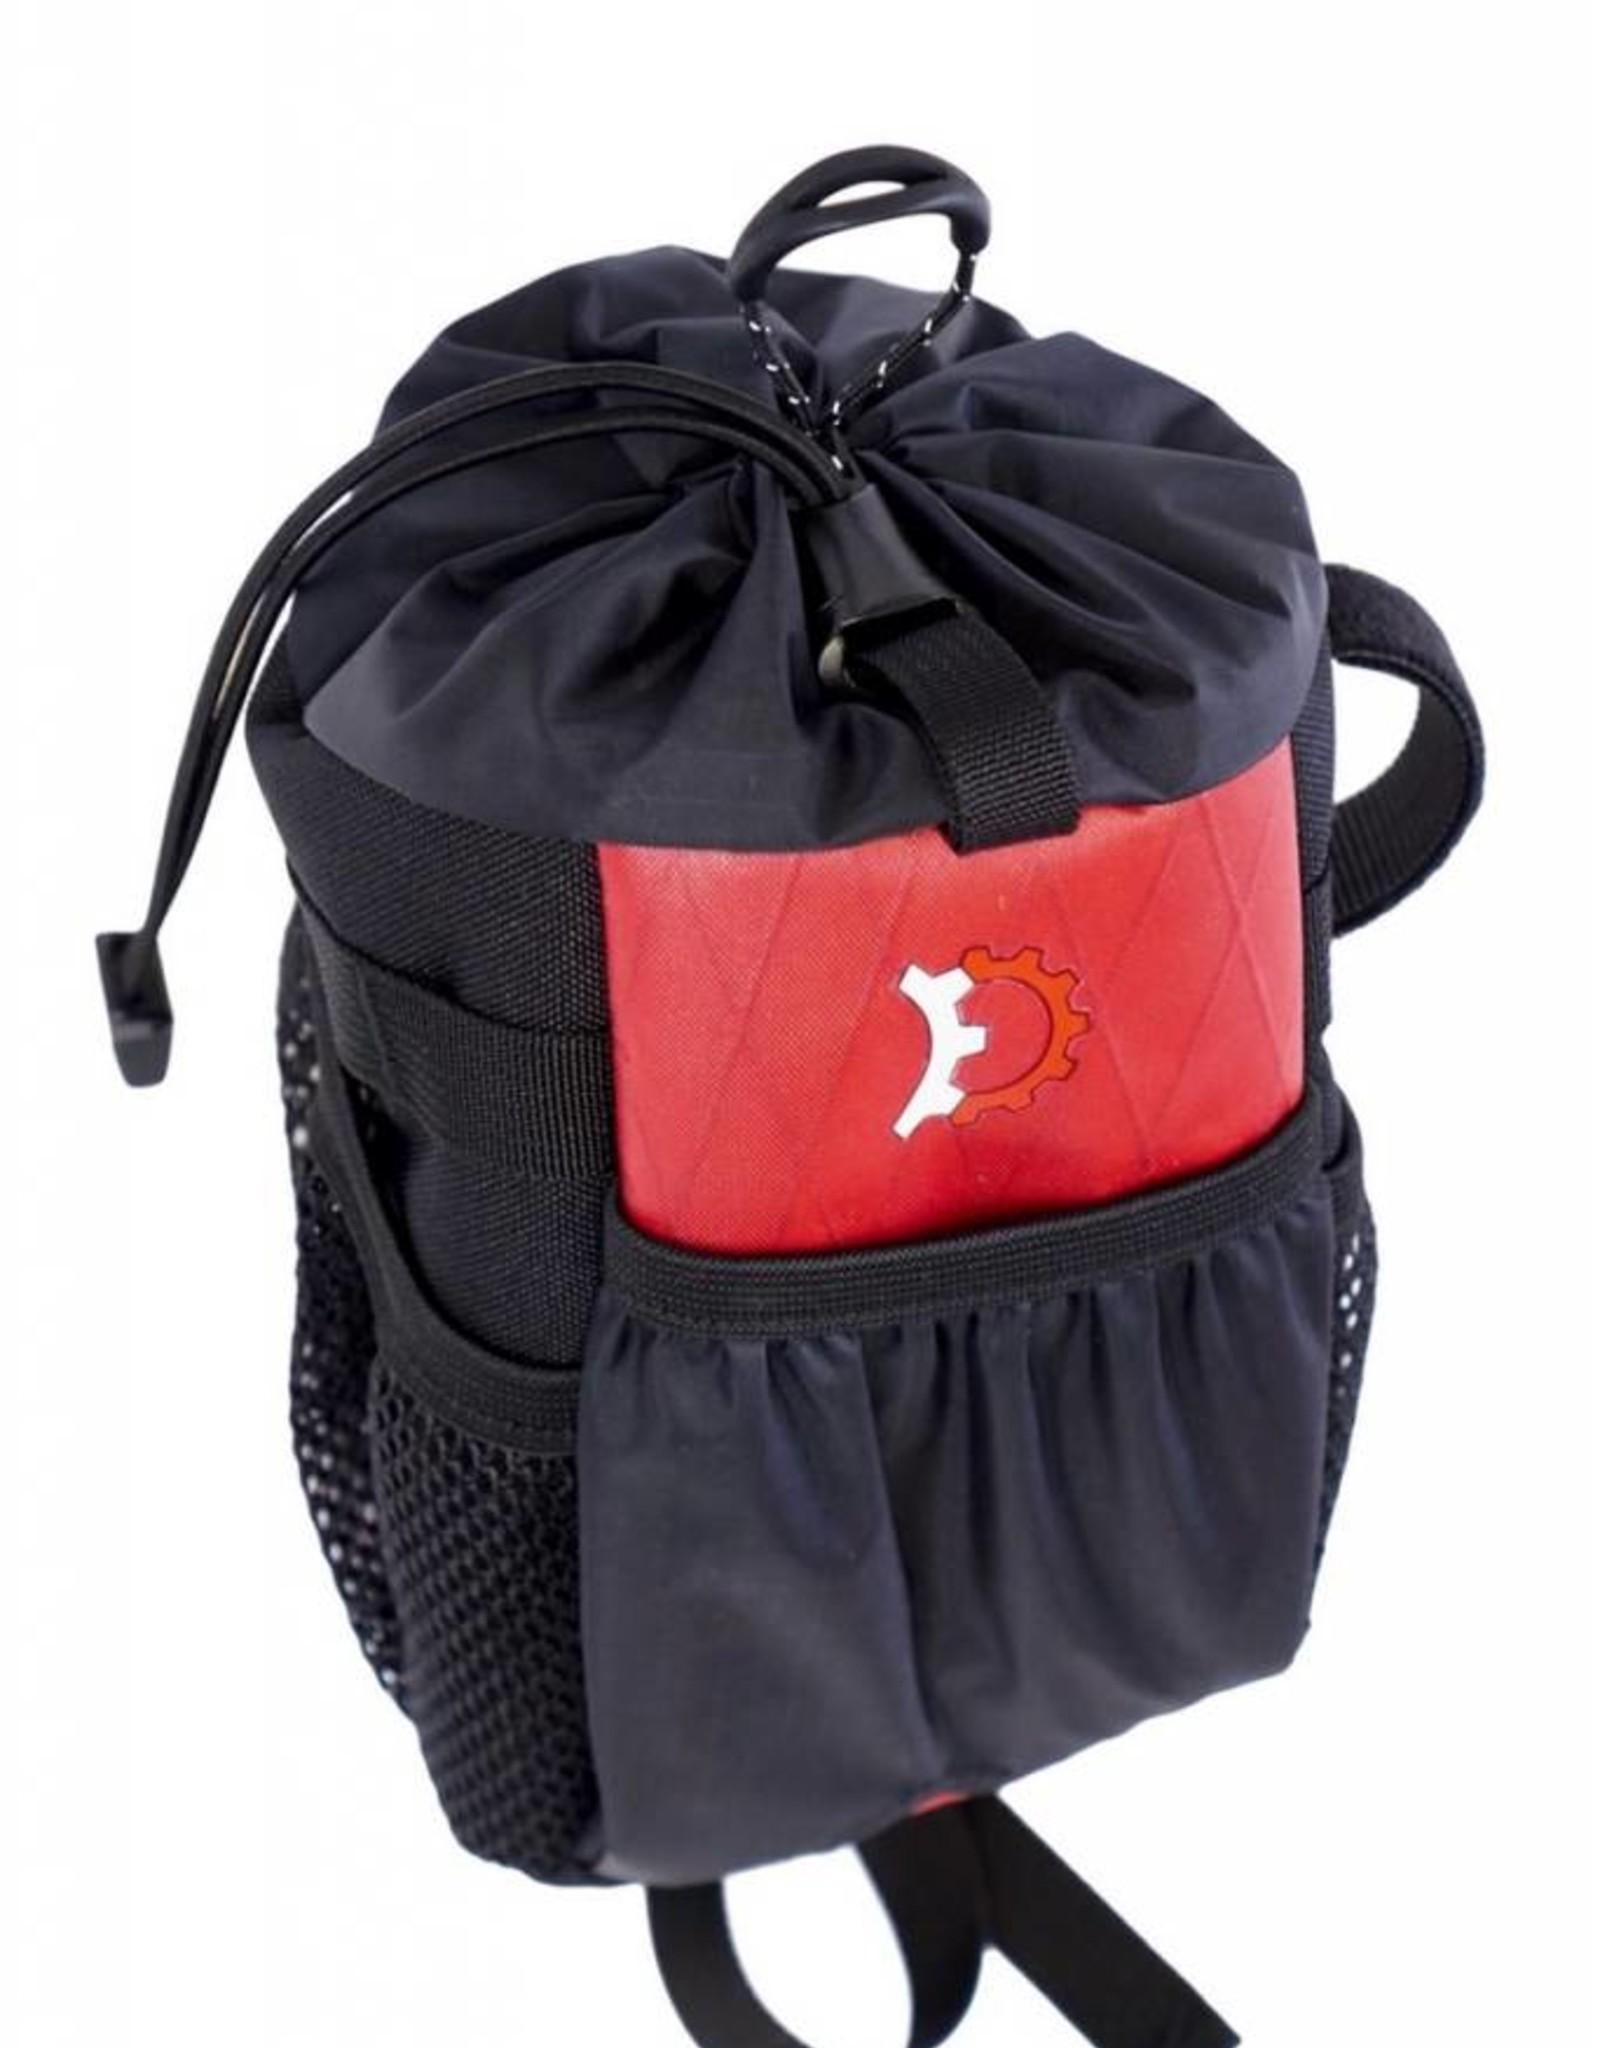 Revelate Designs Revelate Mountain Feedbag